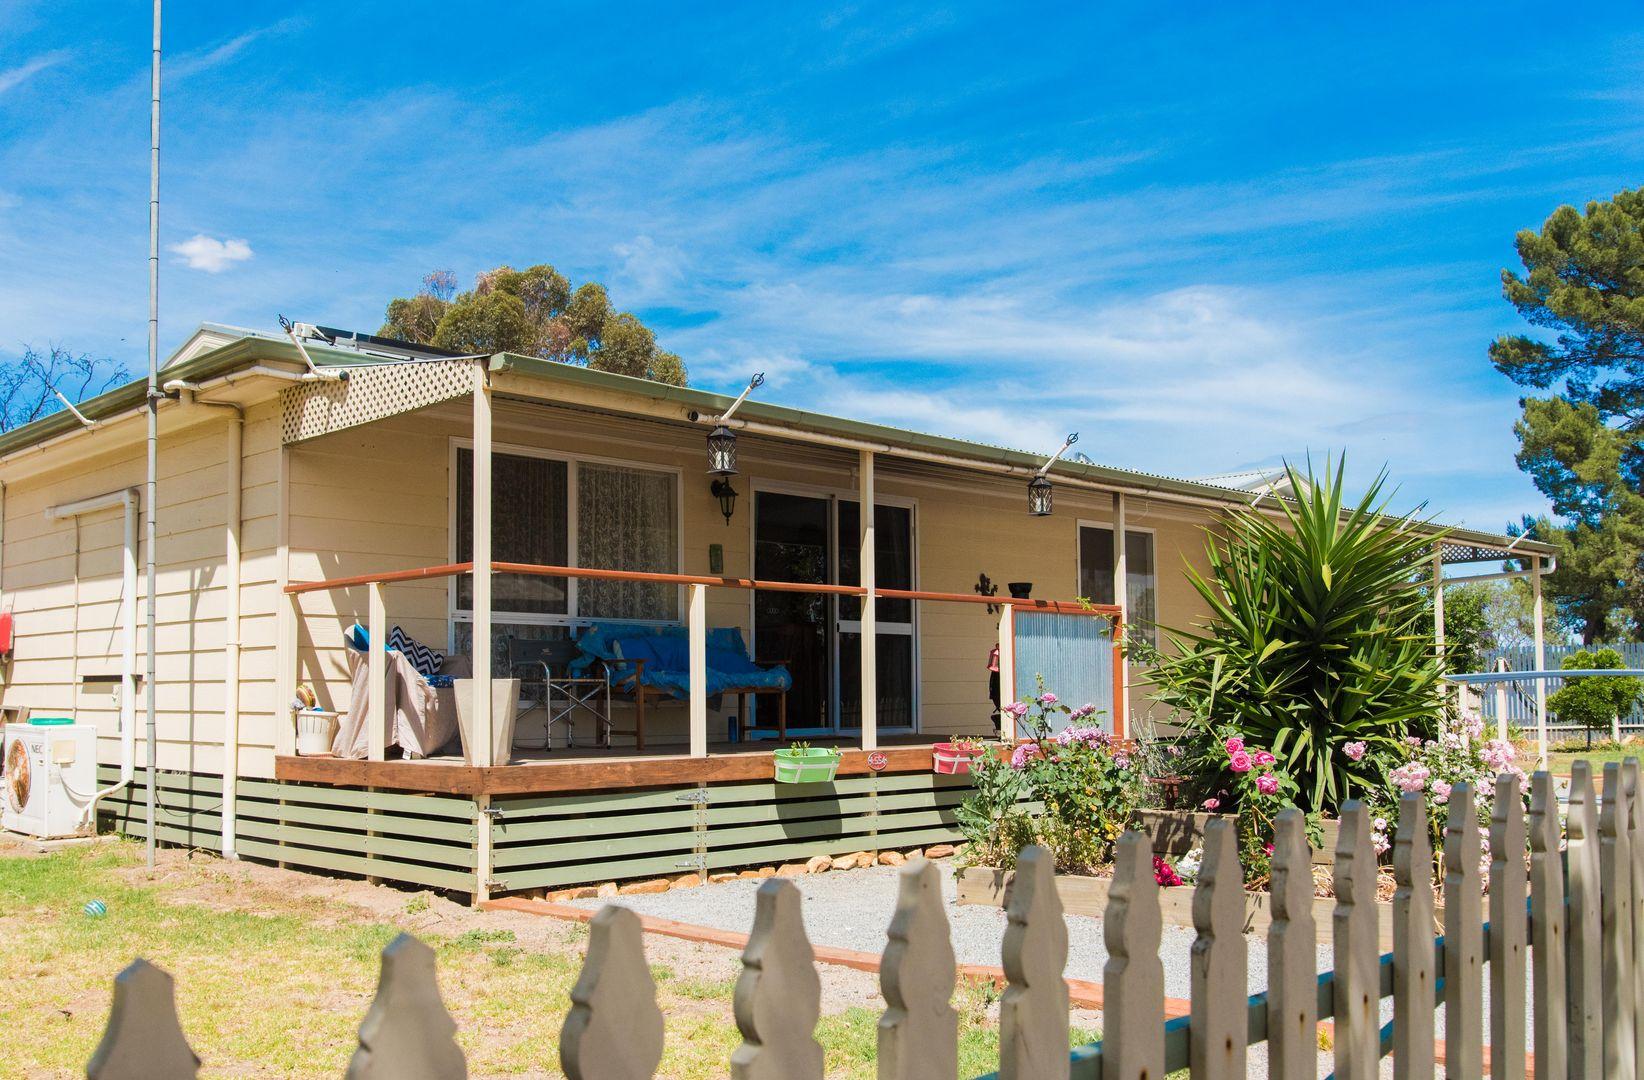 35-37 Railway Terrace Edillilie via, Cummins SA 5631, Image 2